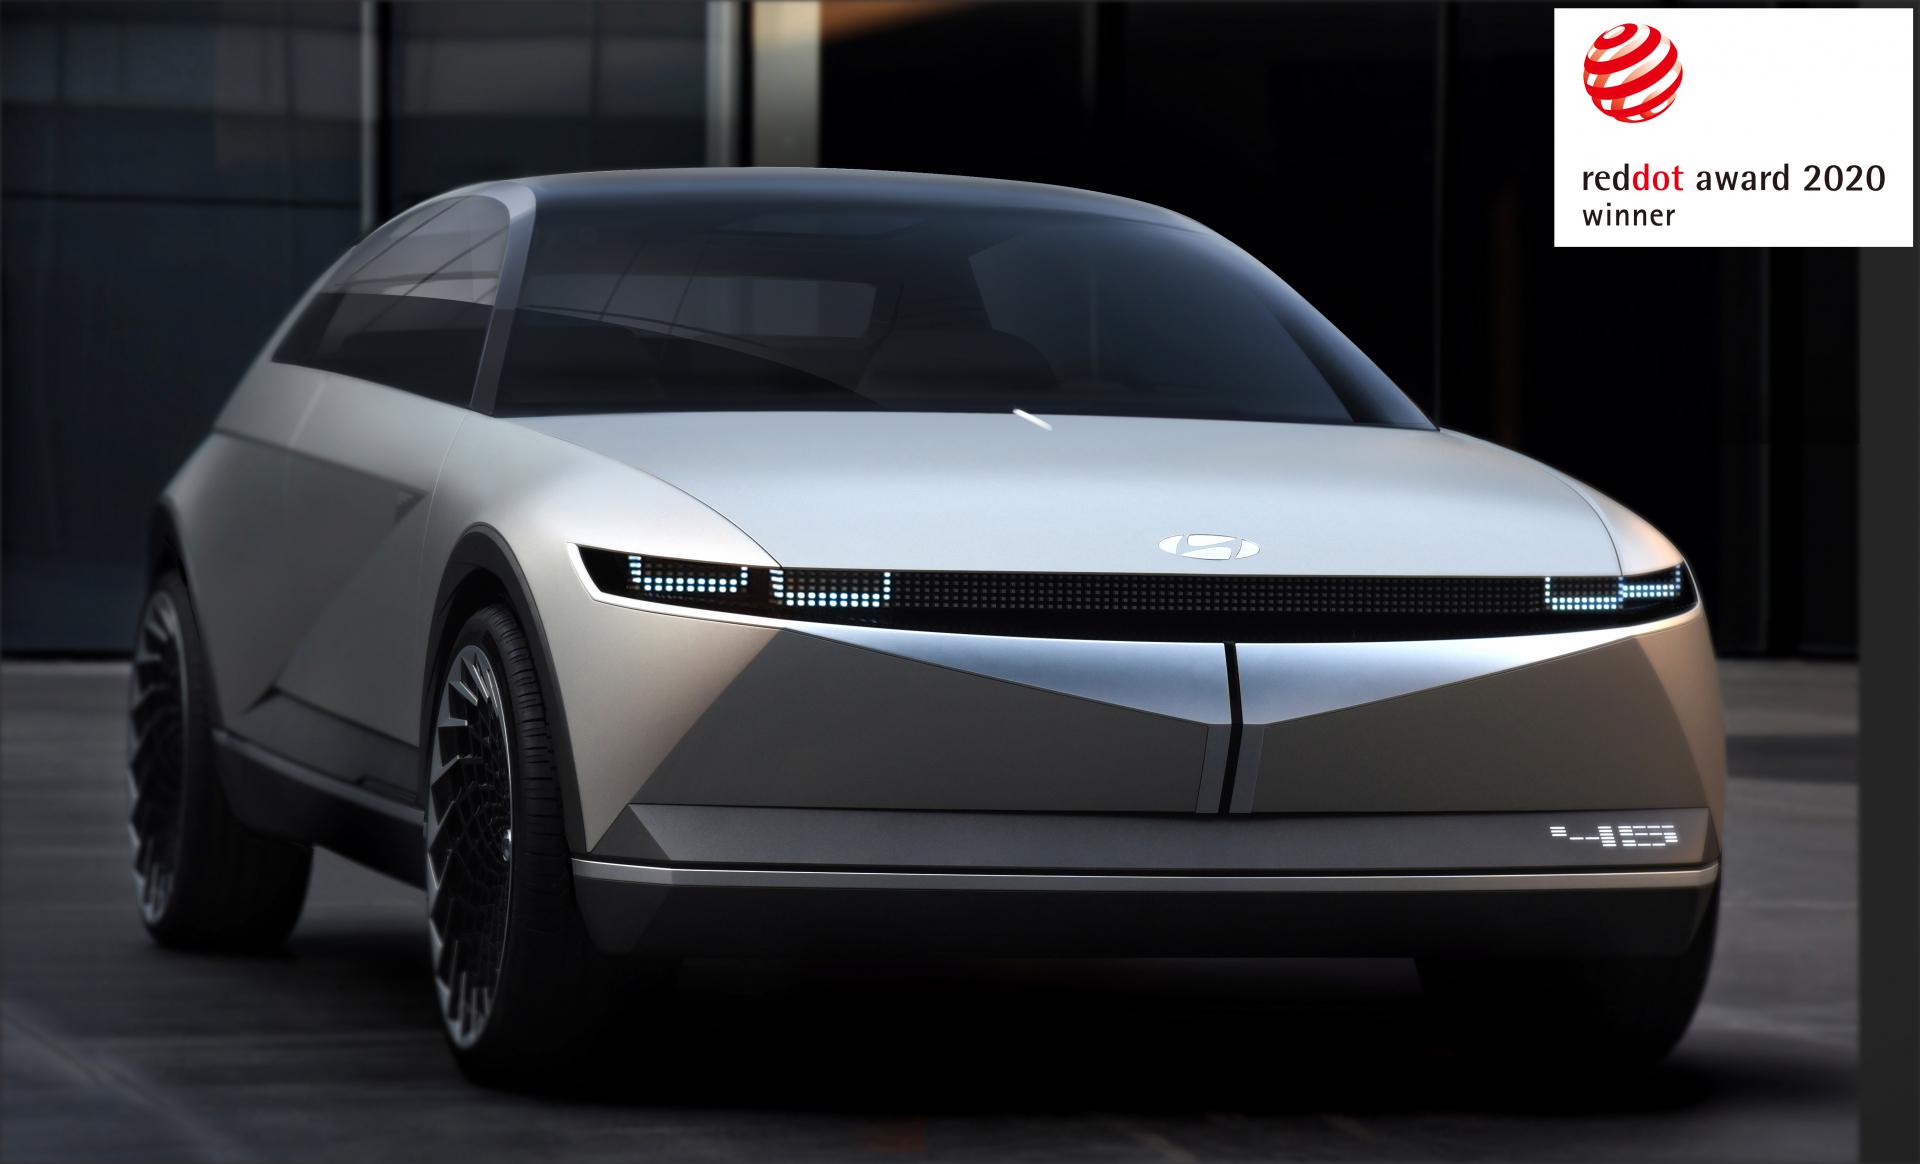 Компанія Hyundai Motor отримала три нагороди Red Dot Award 2020 за концептуальний дизайн | Олимп Мотор - фото 9